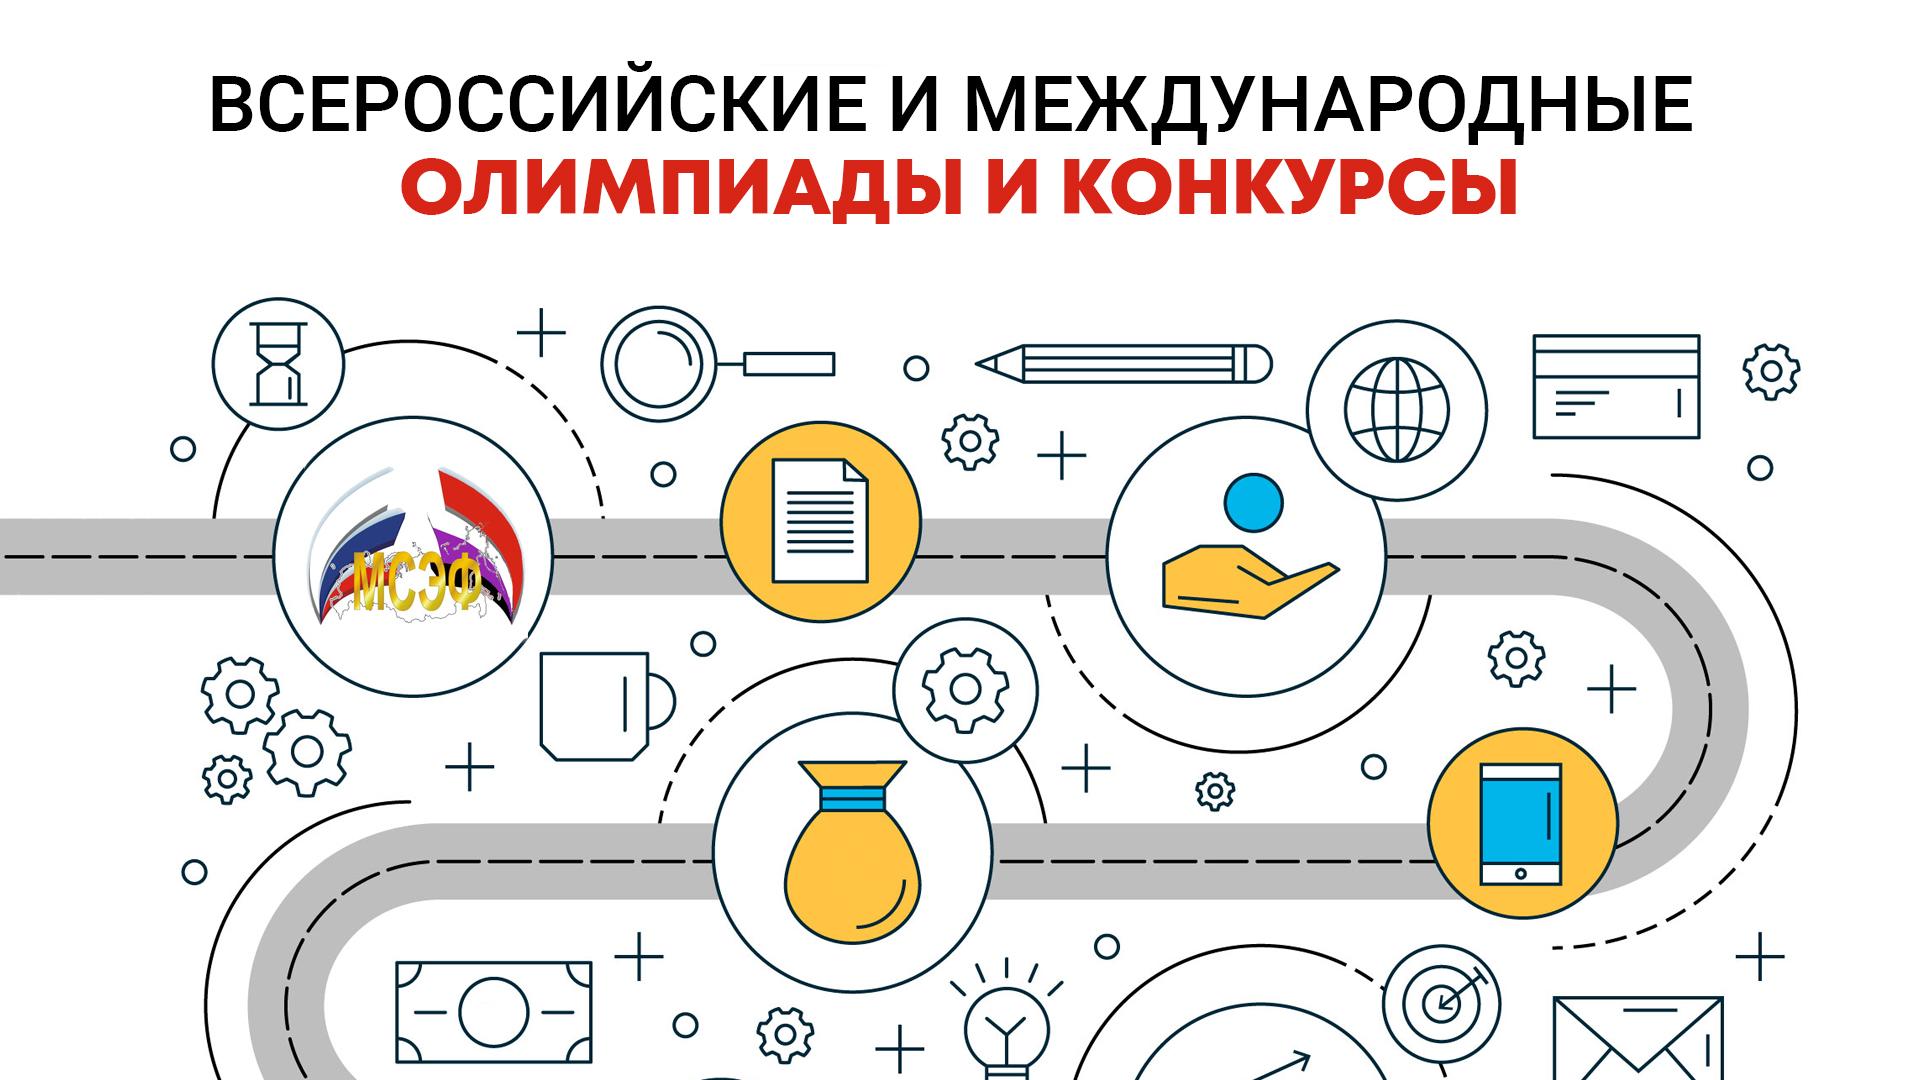 Олимпиады и конкурсы по экономике и финансам